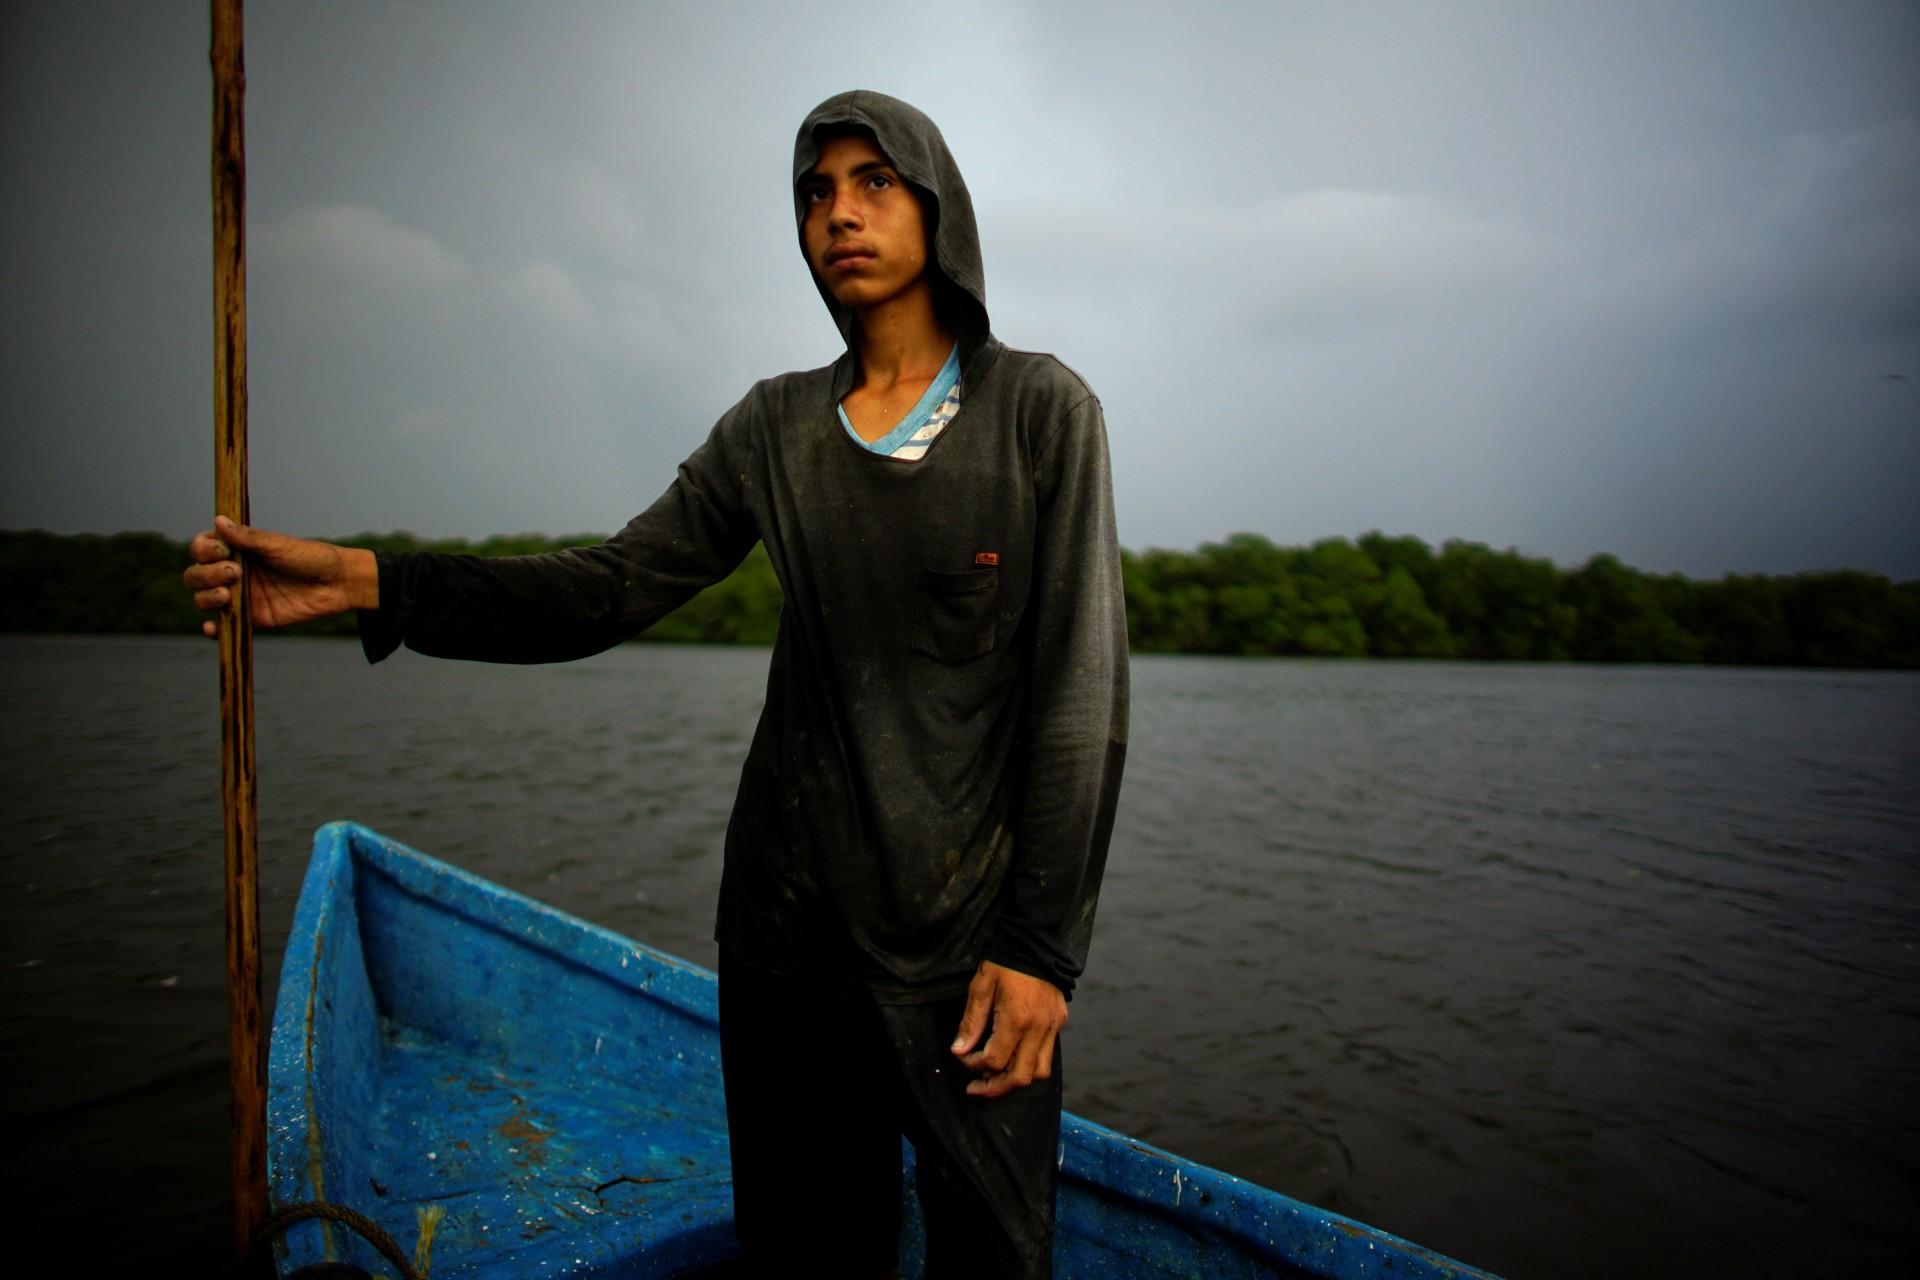 El pescador Luis Angel Gimenez, de 14 años, se para en su bote en la laguna de Mecoacan cerca de Paraiso, México, el 9 de diciembre de 2018.